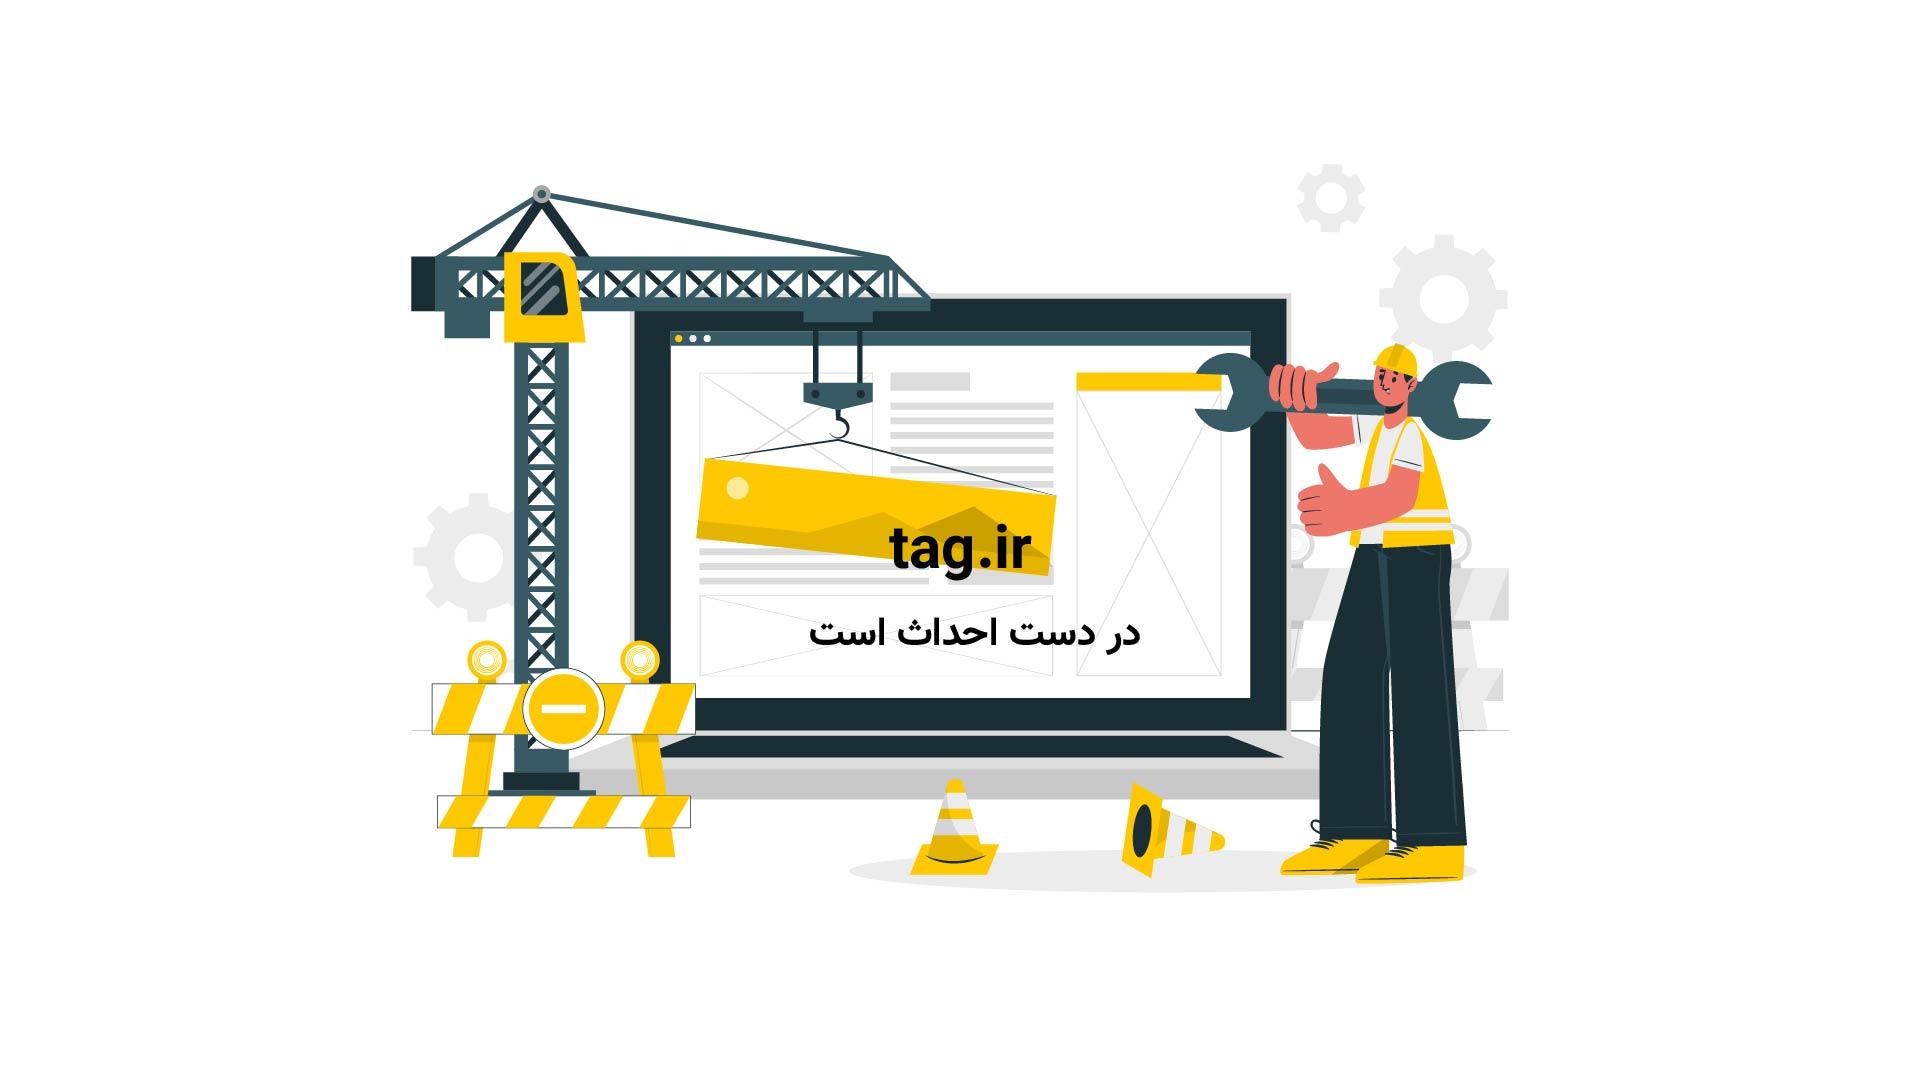 سخنرانیهای تد؛ پیشرفتهای قابل توجهی که در درک مغز بوجود آمده | فیلم